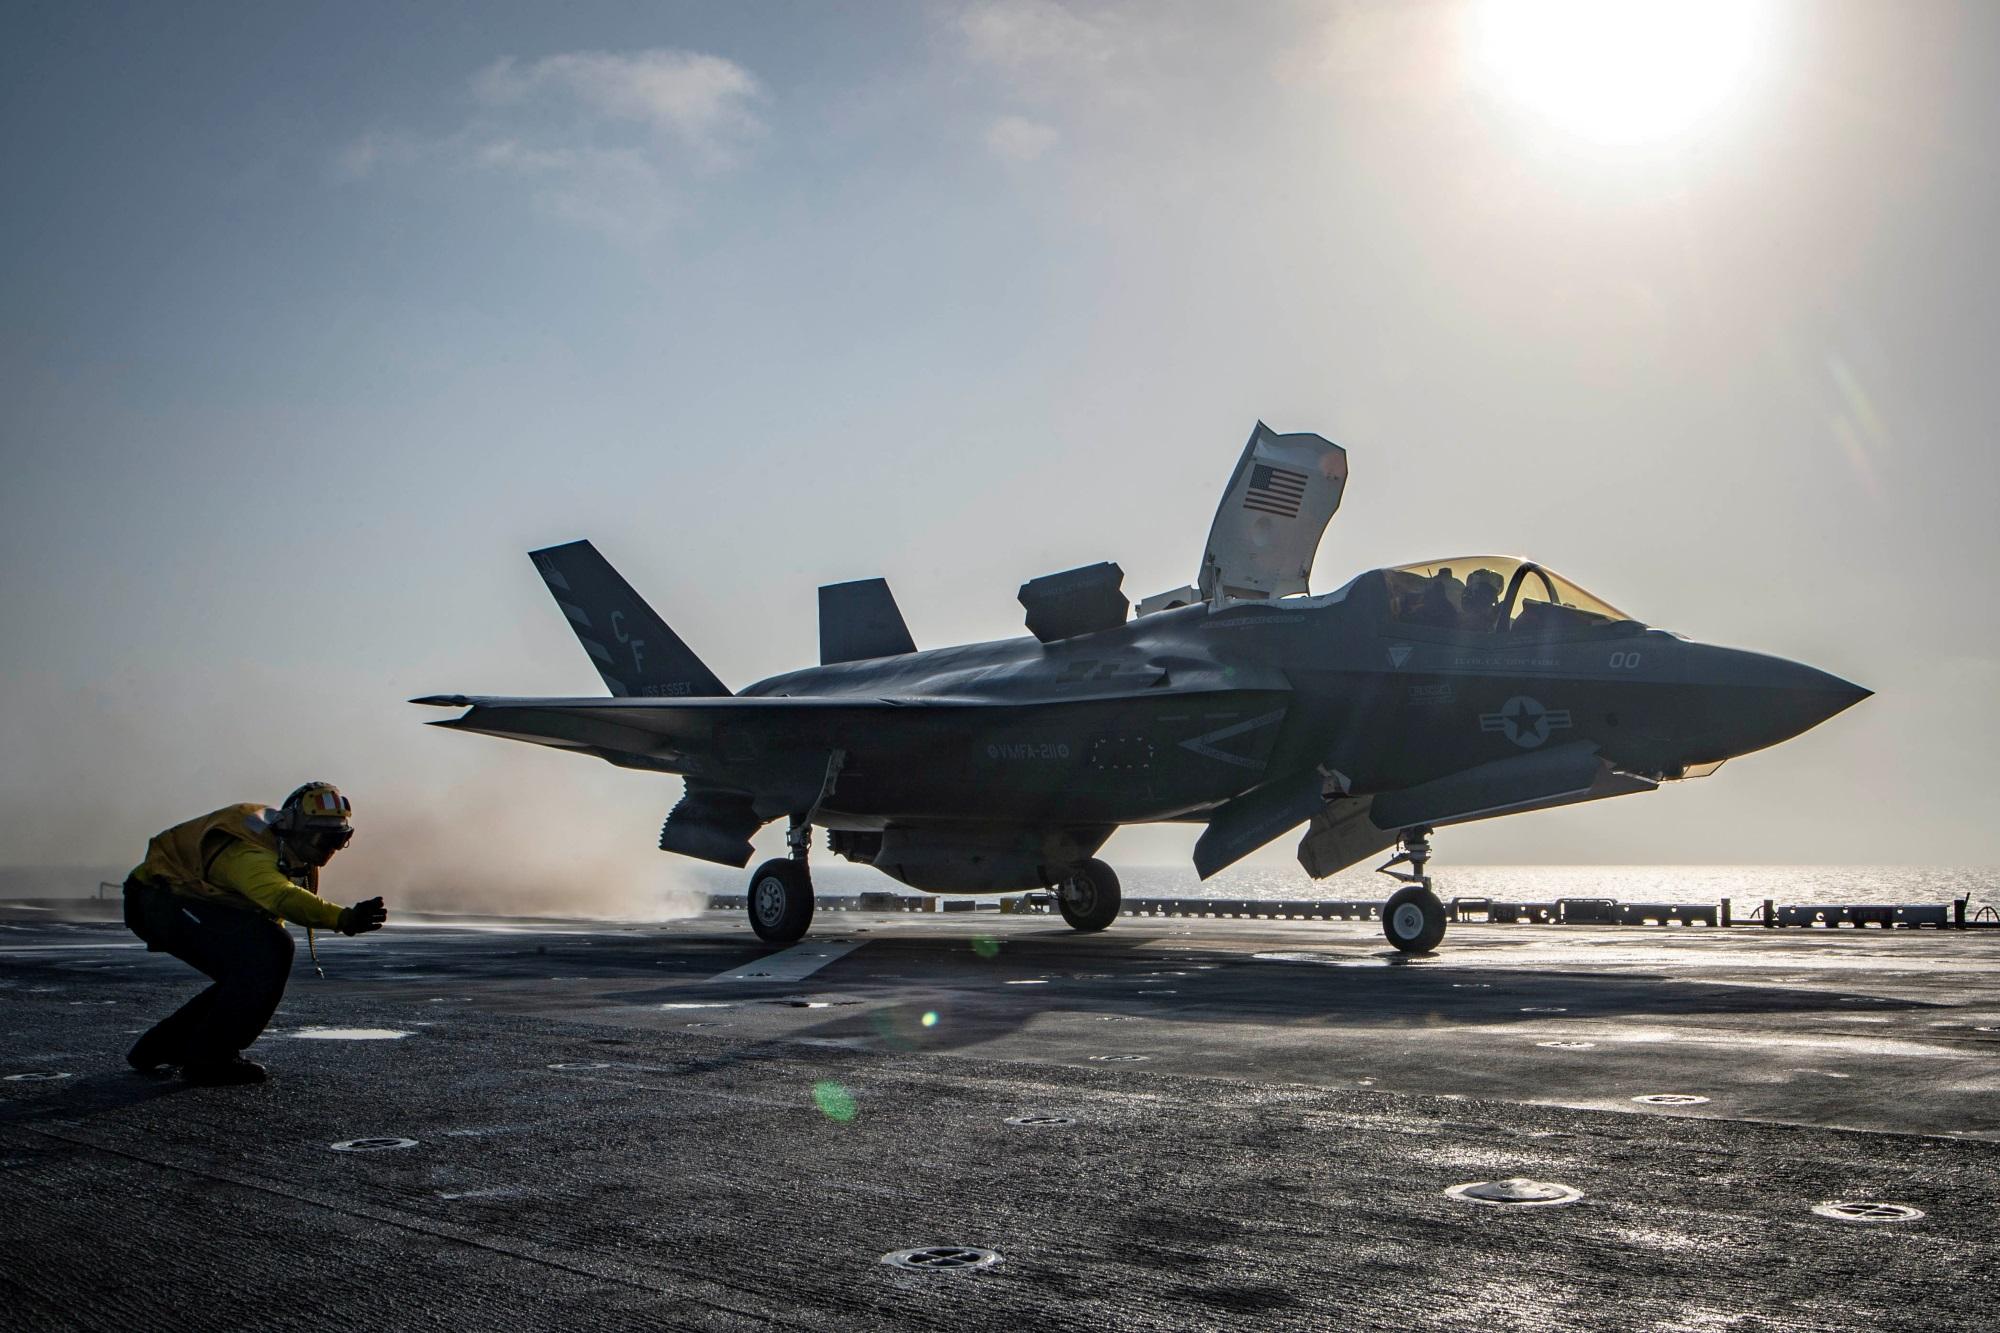 F-35: Κεραυνοί κατέστρεψαν δύο stealth μαχητικά